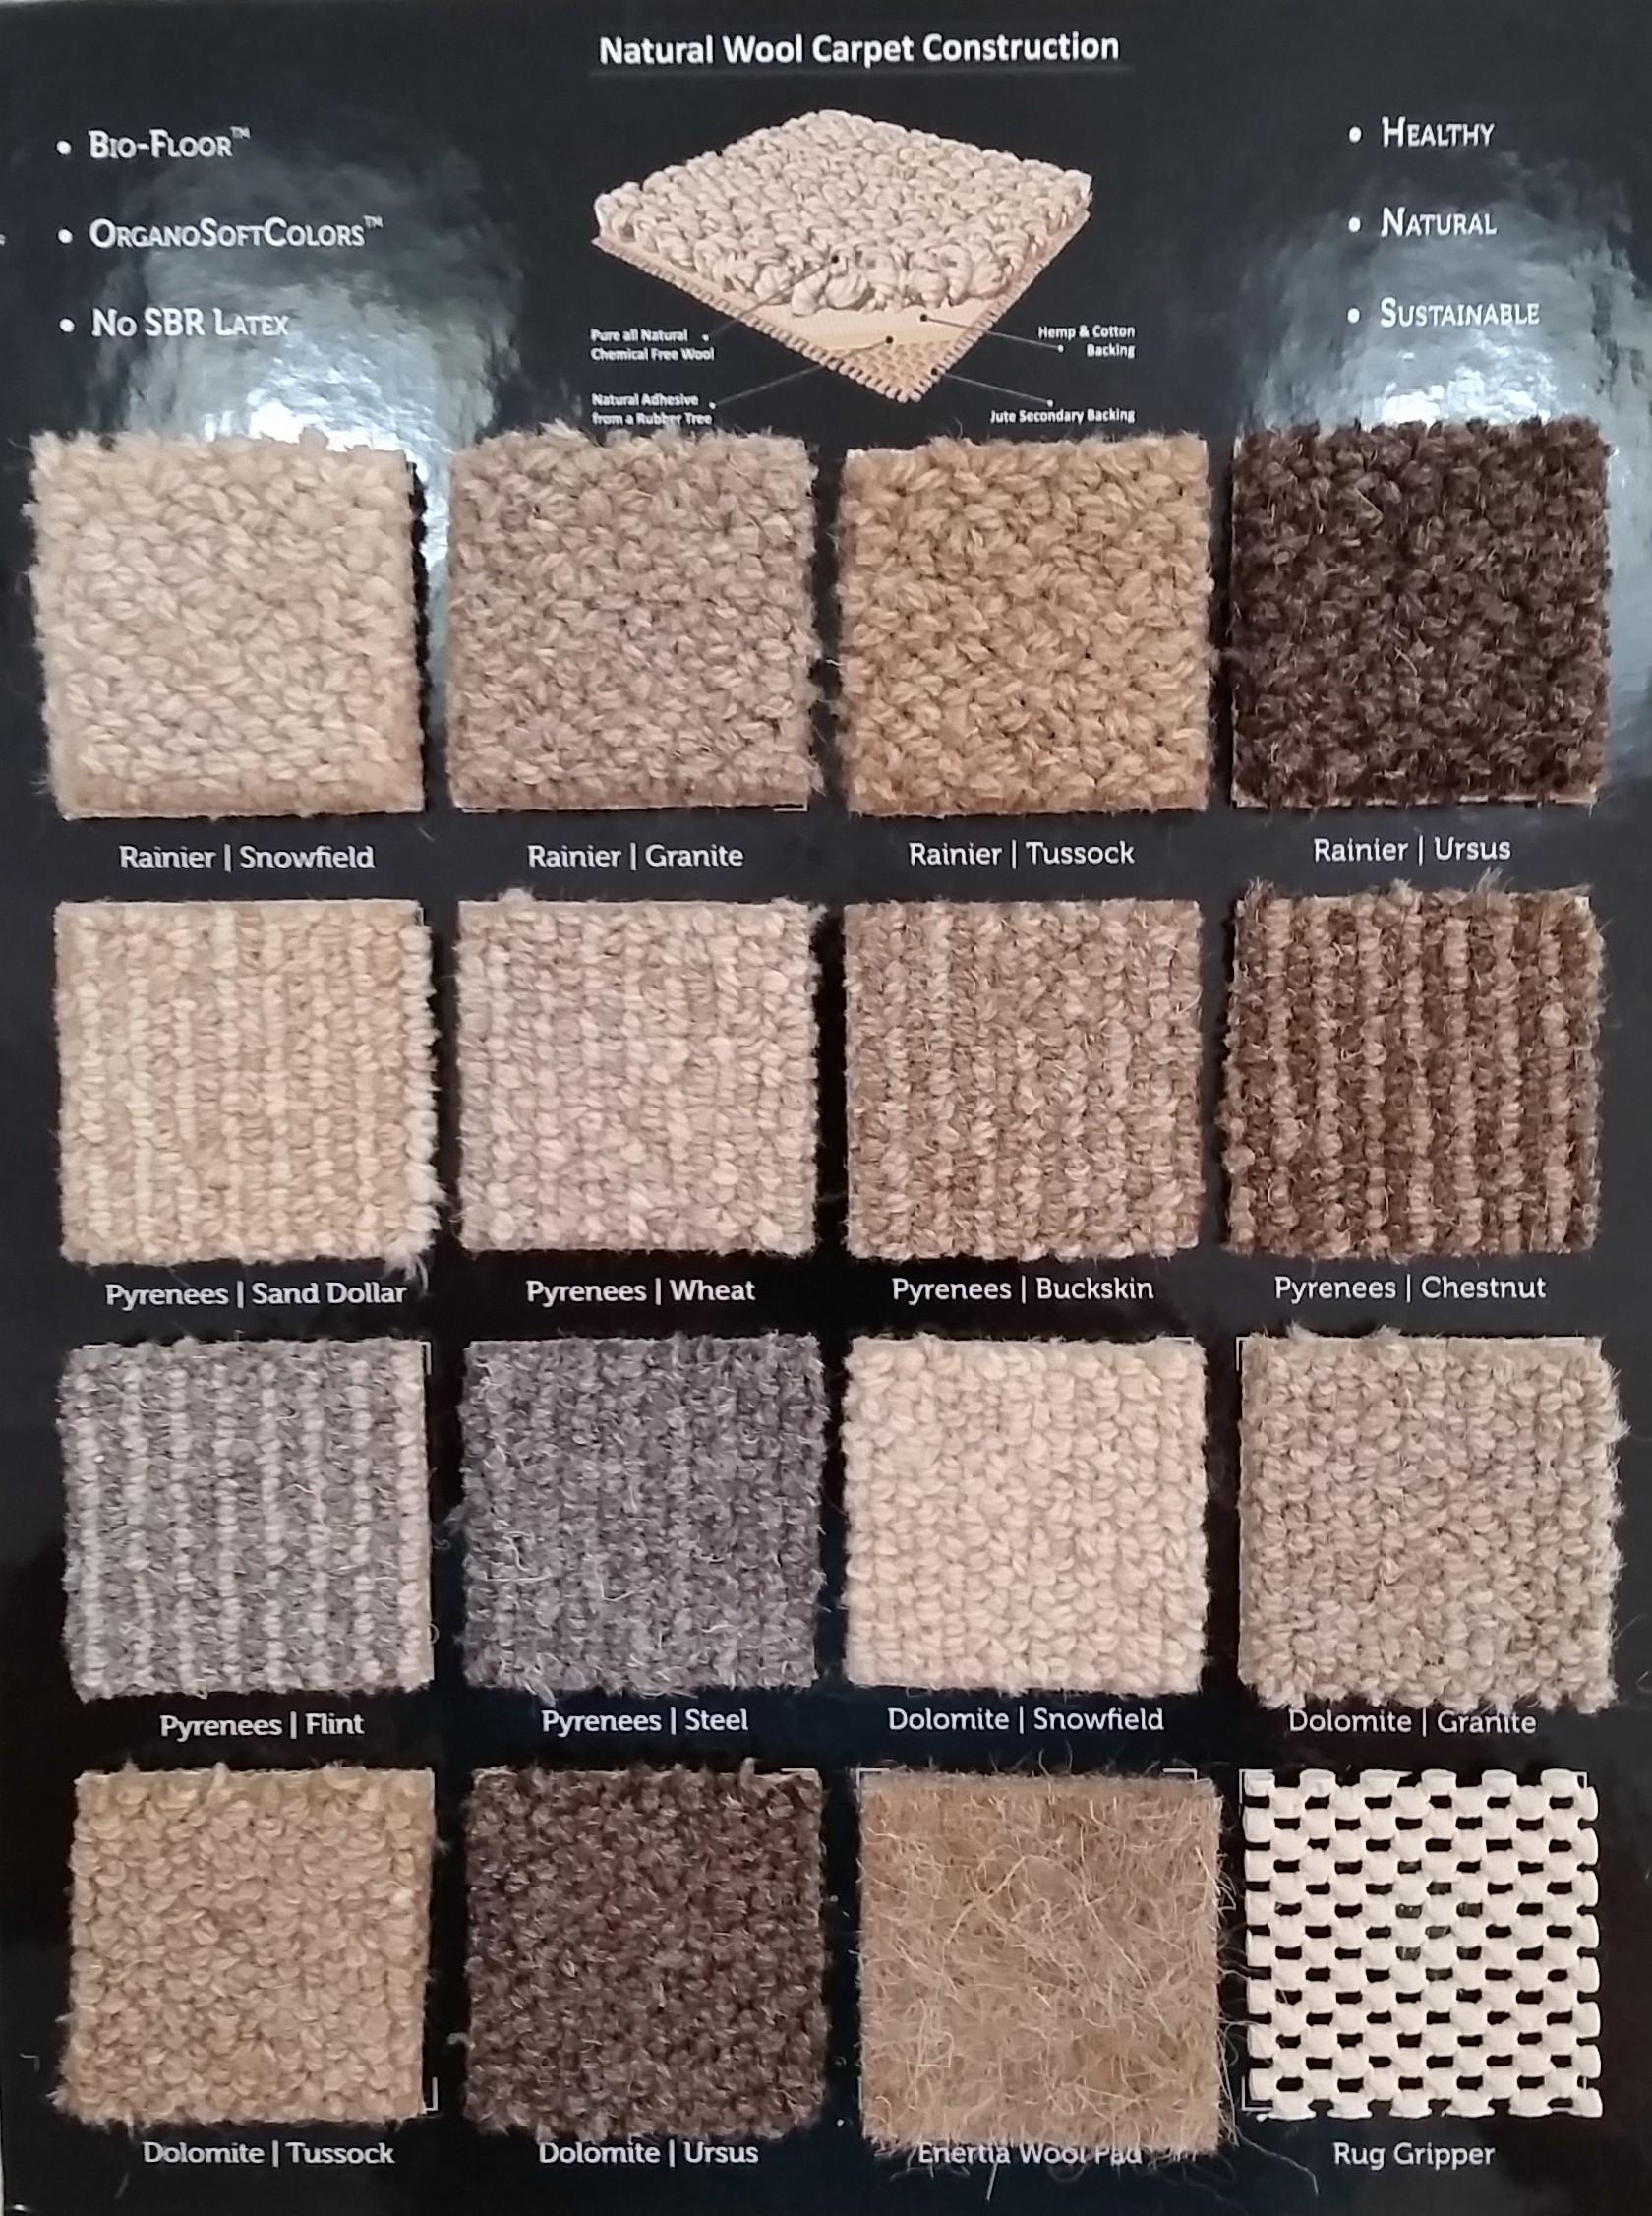 Earth Weave Carpet Rug Samples Kit